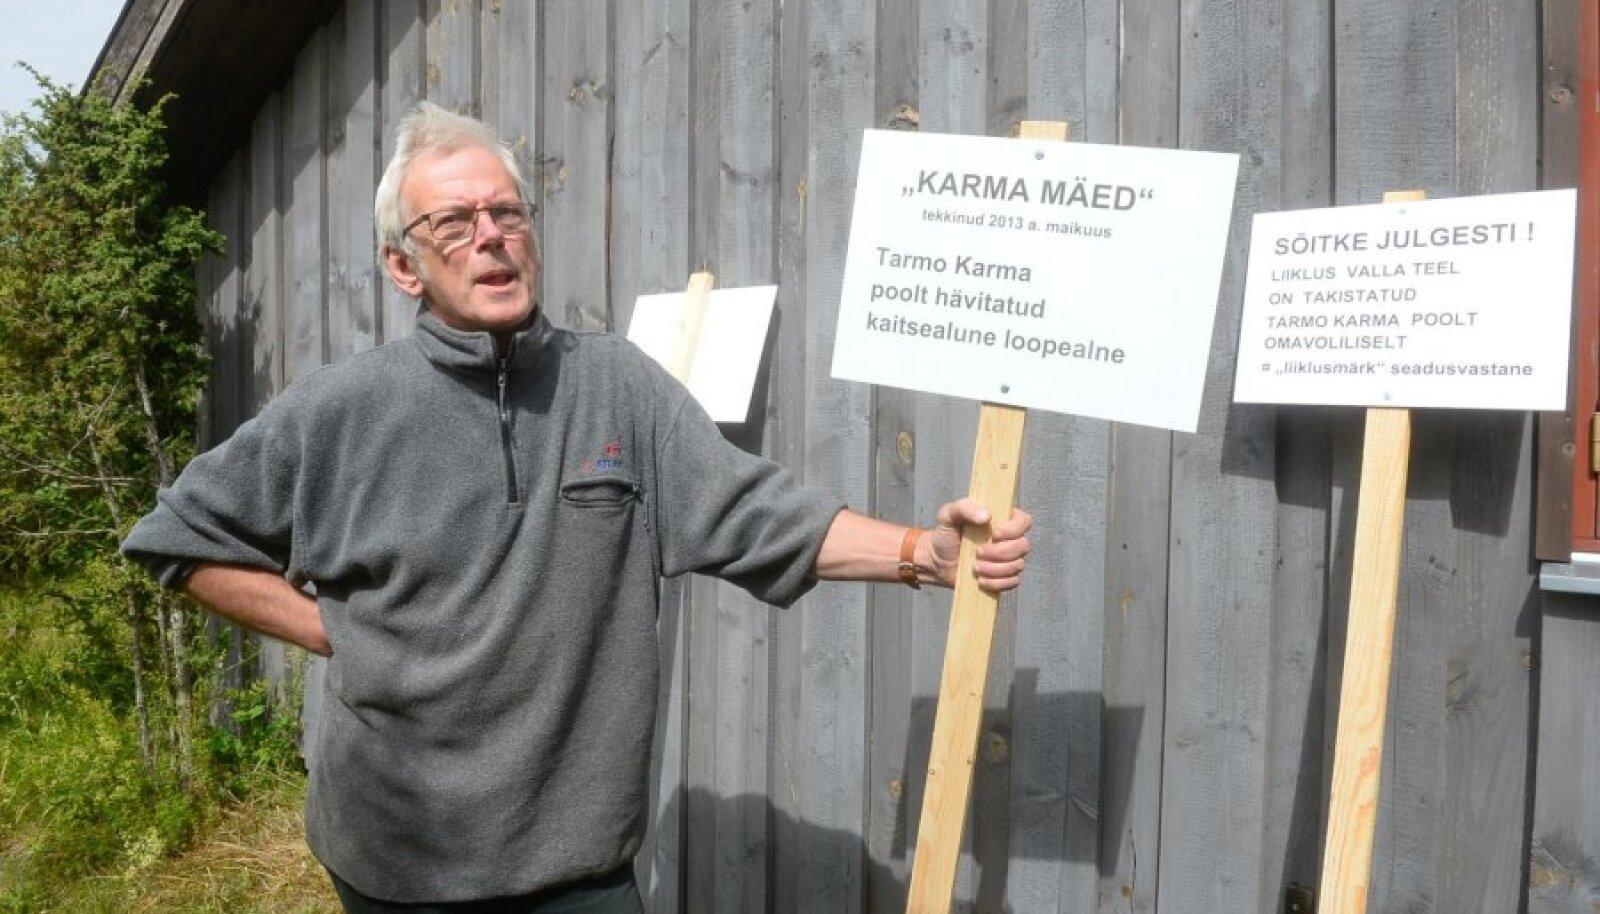 """Kunstnik Rait Prääts korraldas reedel silte üles pannes enda sõnul performance'i, sest olukord on nii absurdseks muutunud. """"Karma mägede"""" silt viitab Karmade ehitusest tekkinud pinnase ladustamisele looduskaitse all olevale alale Väino Lodi krundil."""